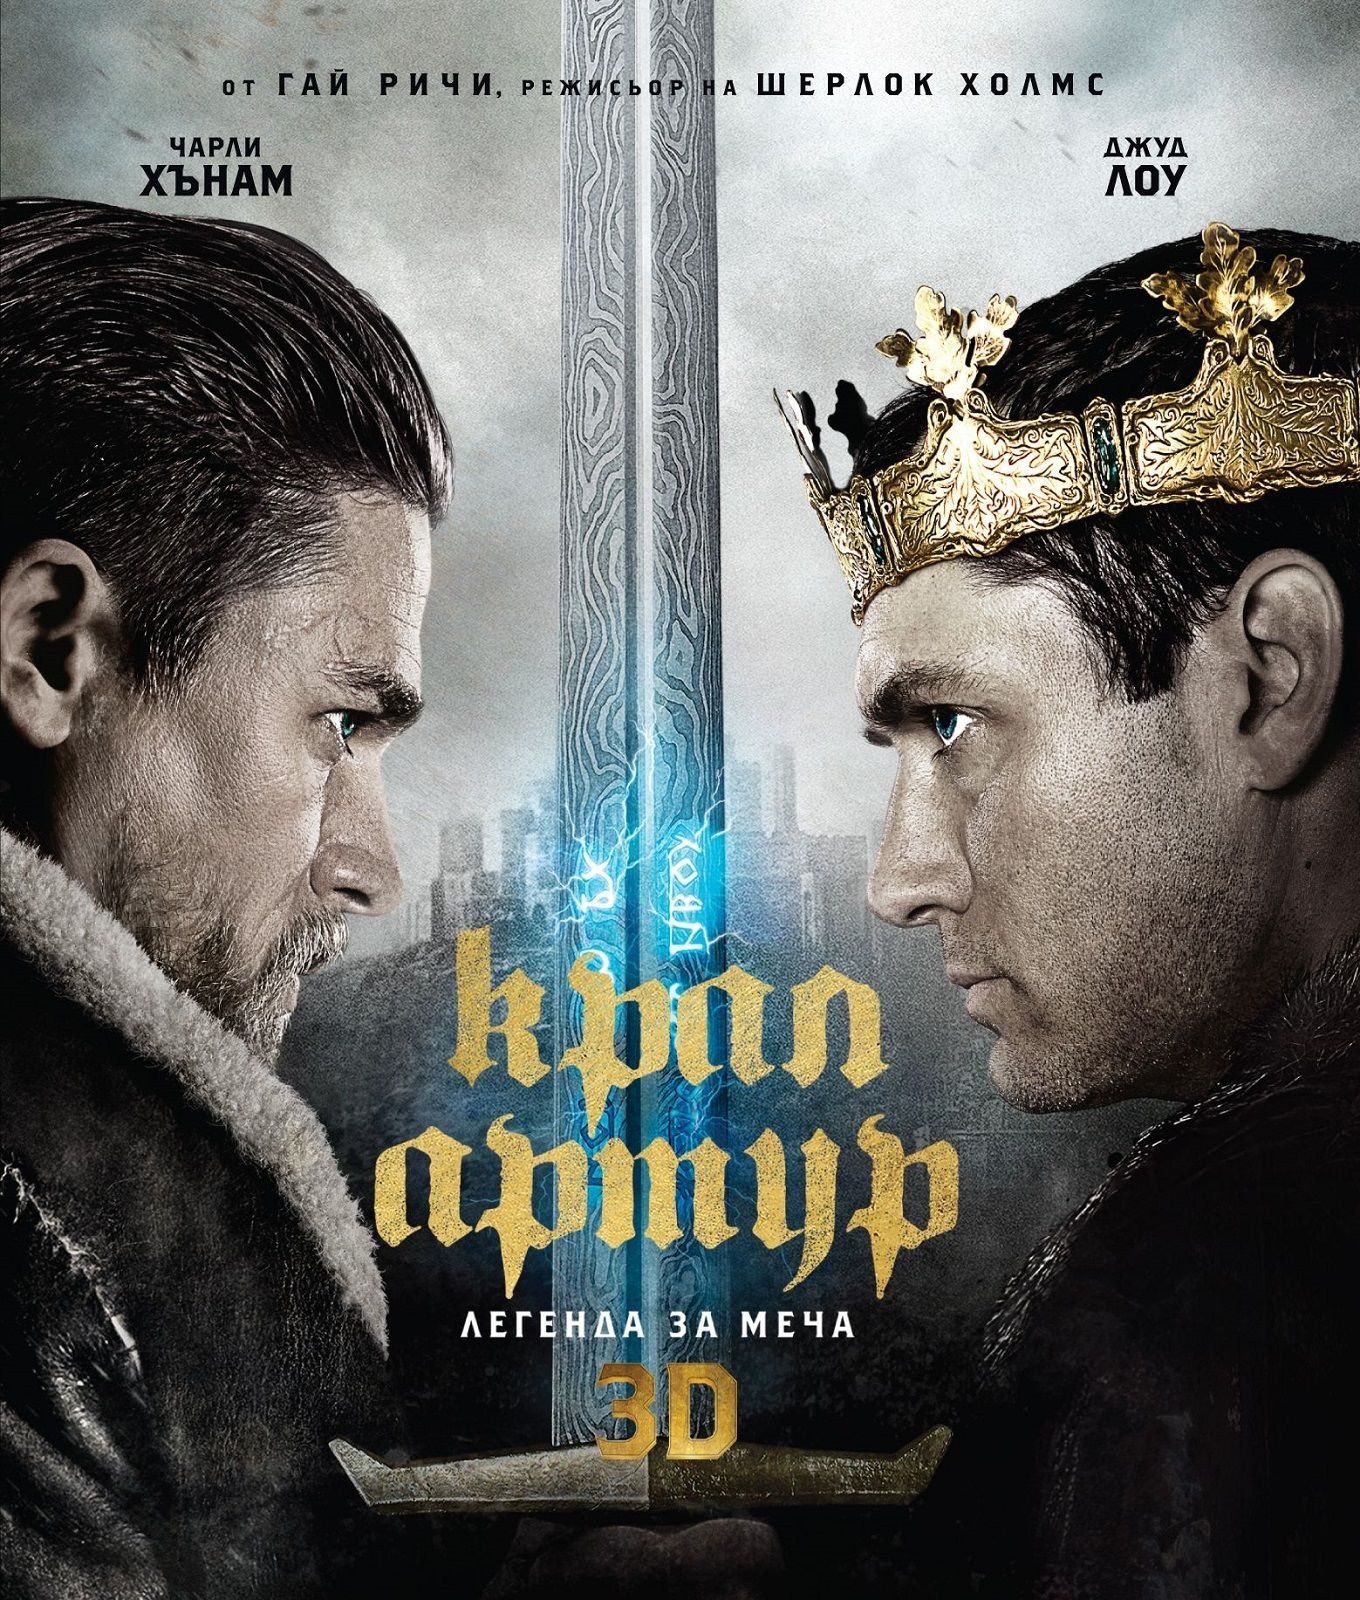 Крал Артур: Легенда за меча 3D (Blu-Ray) - 1